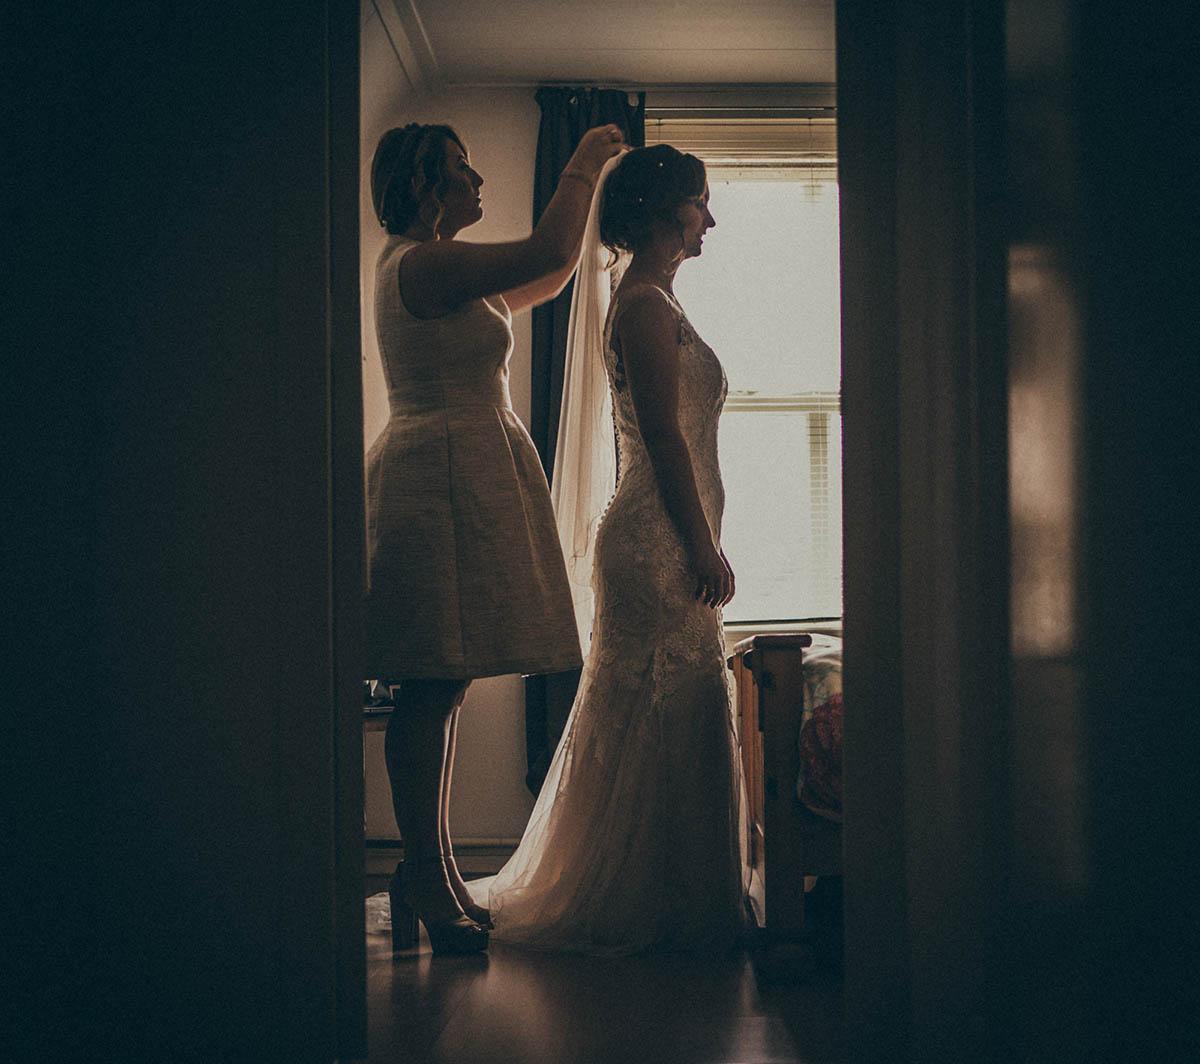 Voorbereidingen detail trouwdag - trouwfotografie Trouwgeluk uit Vught / Den Bosch